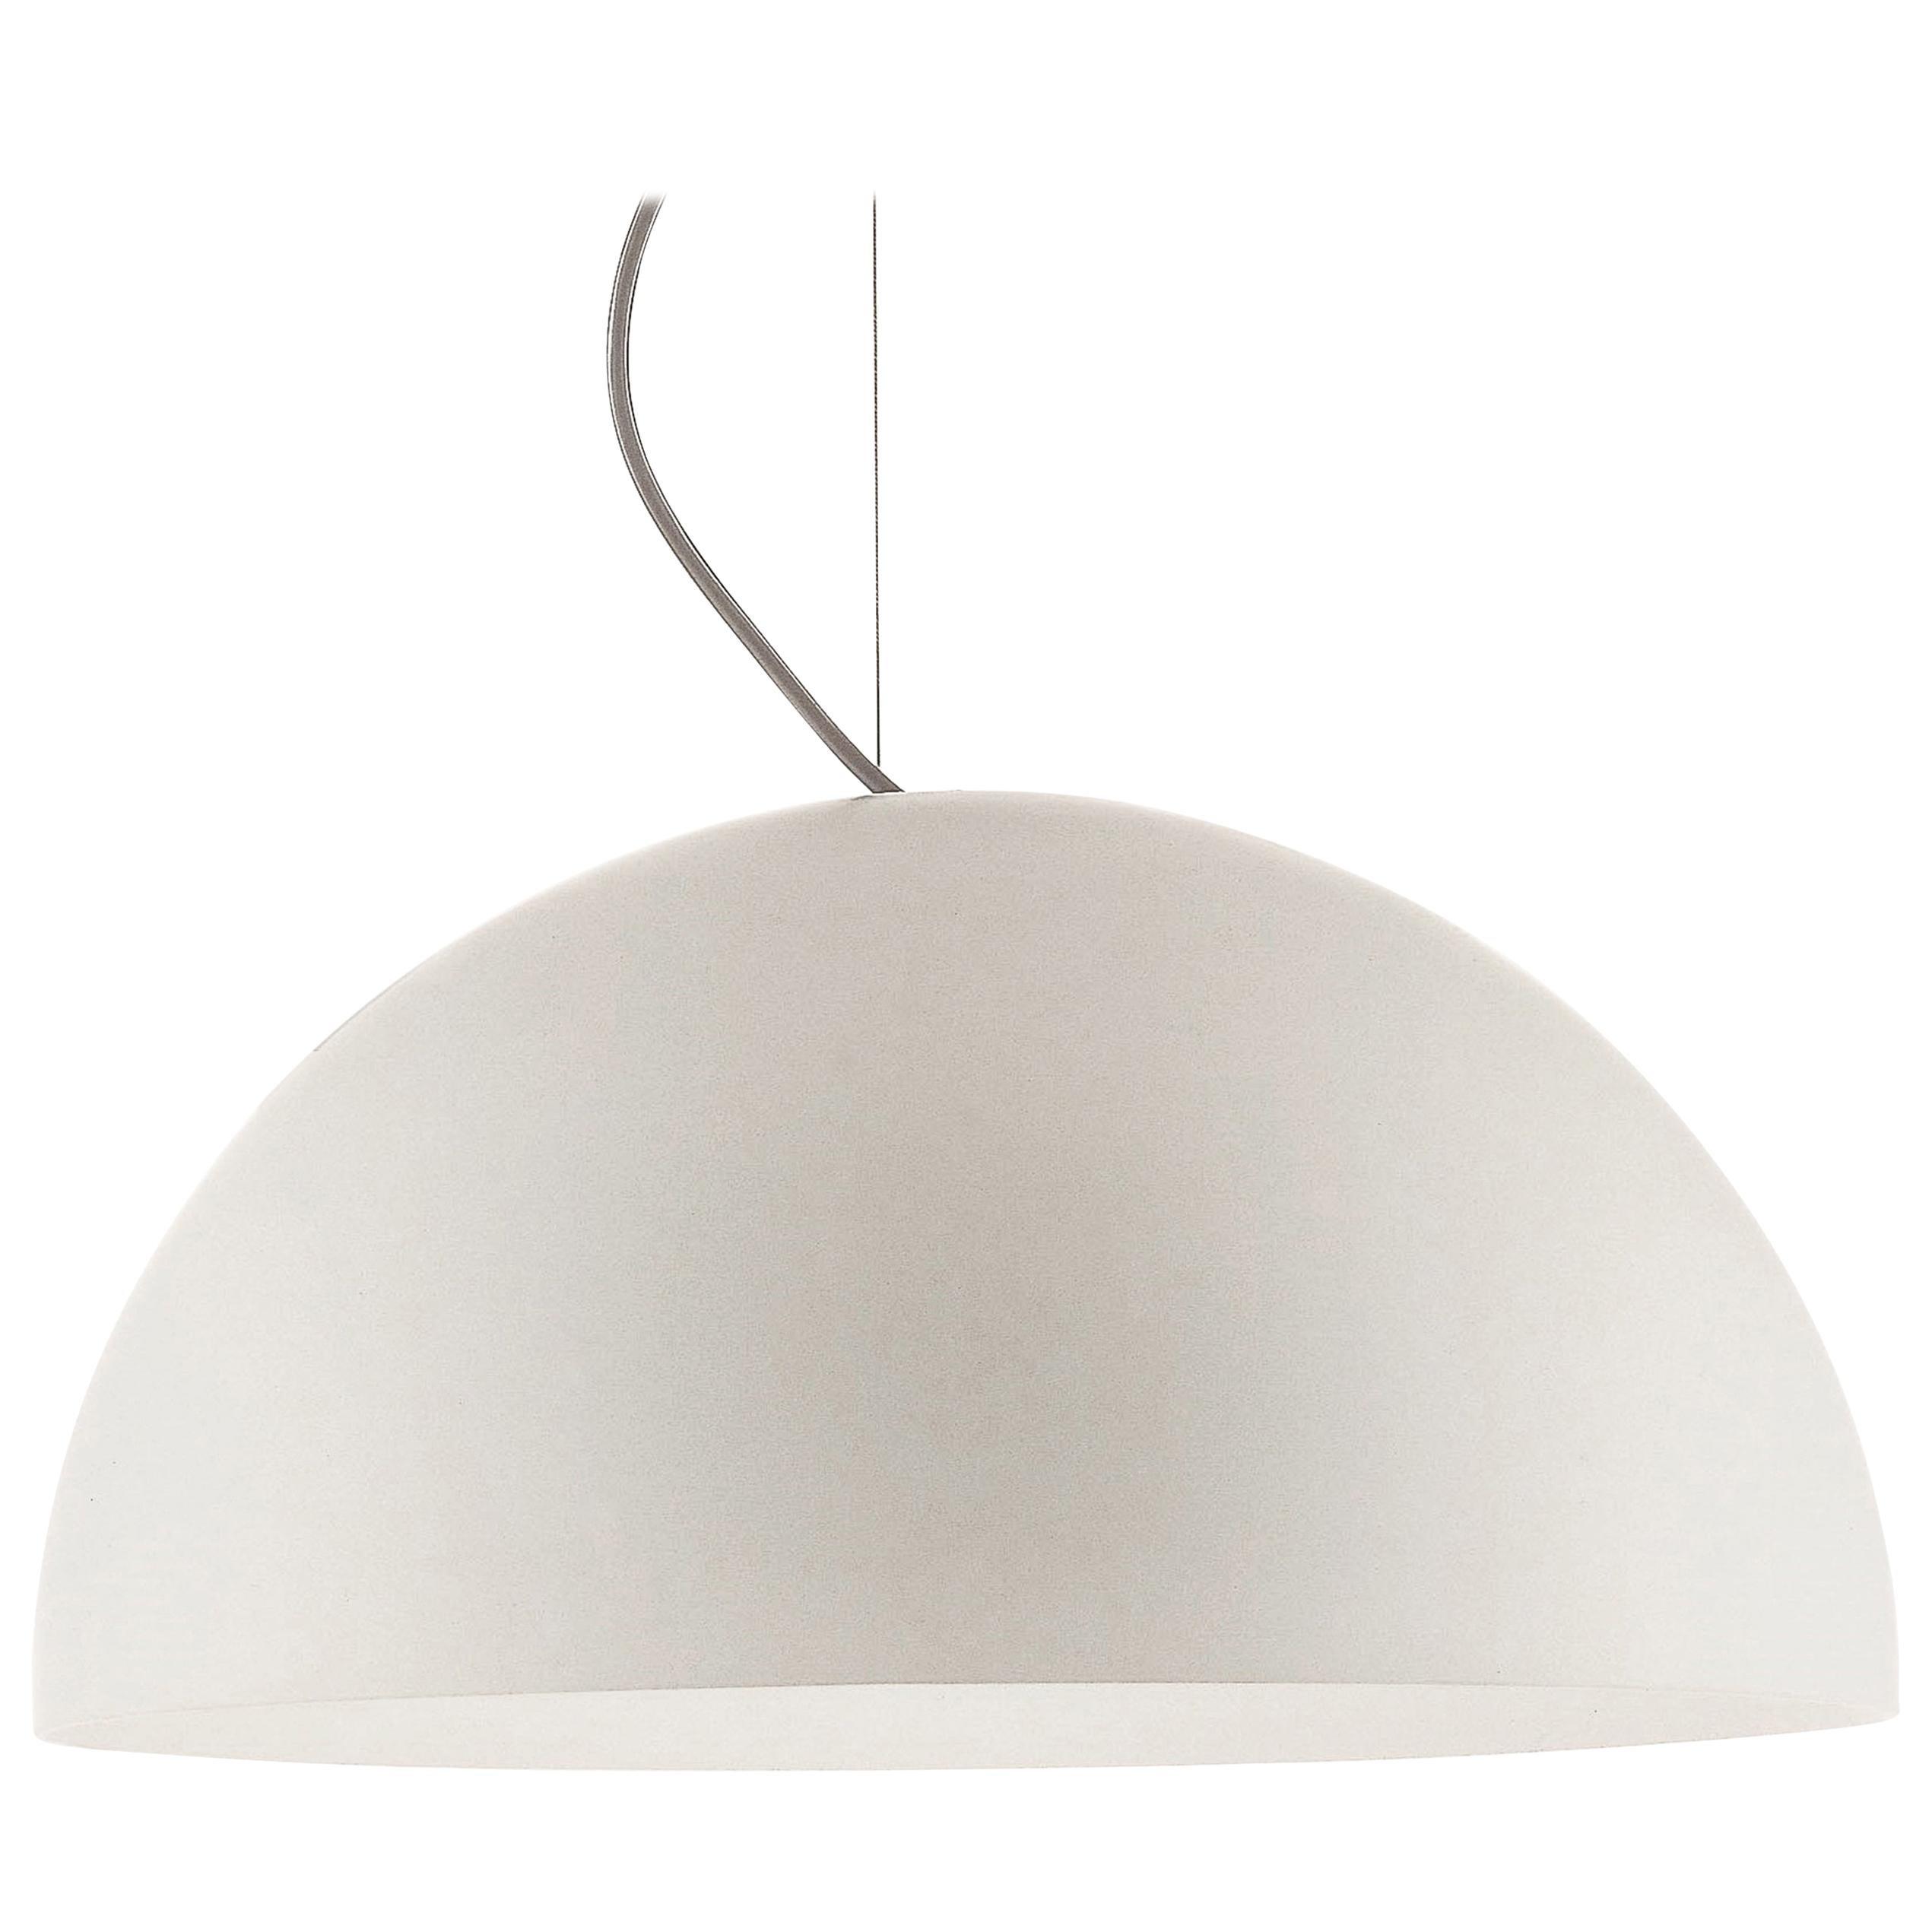 Vico Magistretti Suspension Lamp 'Sonora' 493 Opaline by Oluce